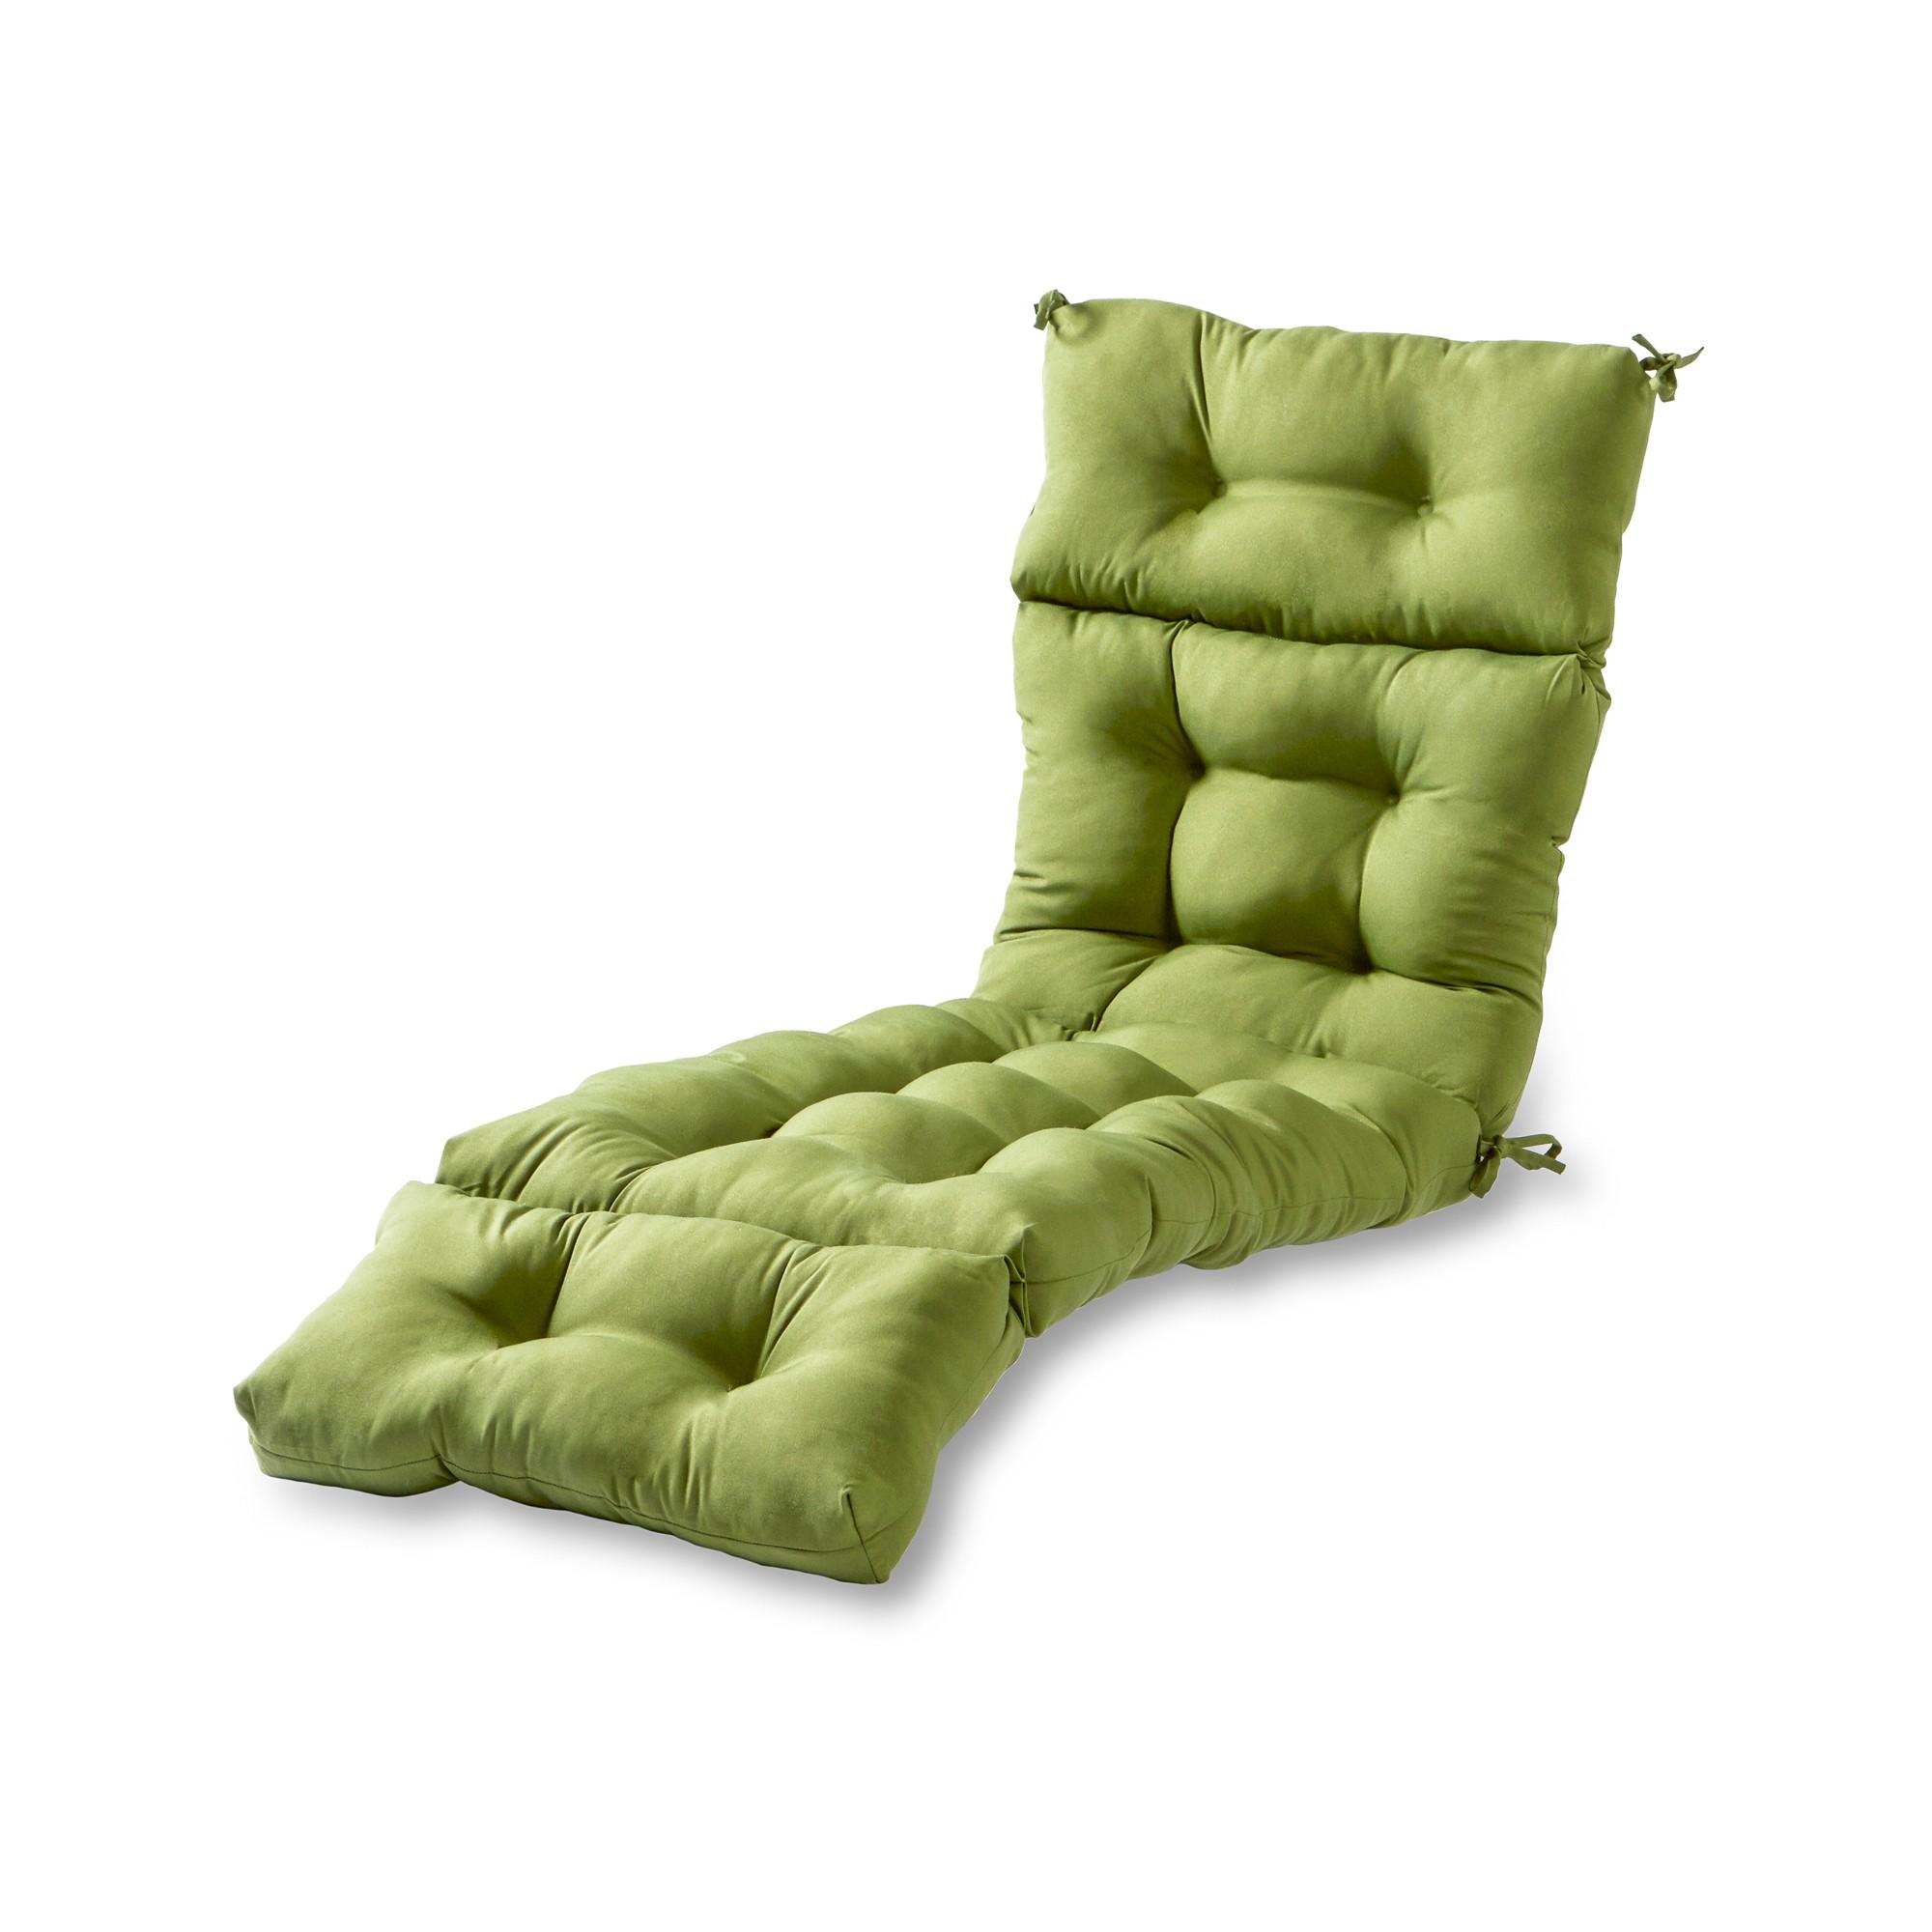 ideas cushions chairs chaise pool lounge chair green